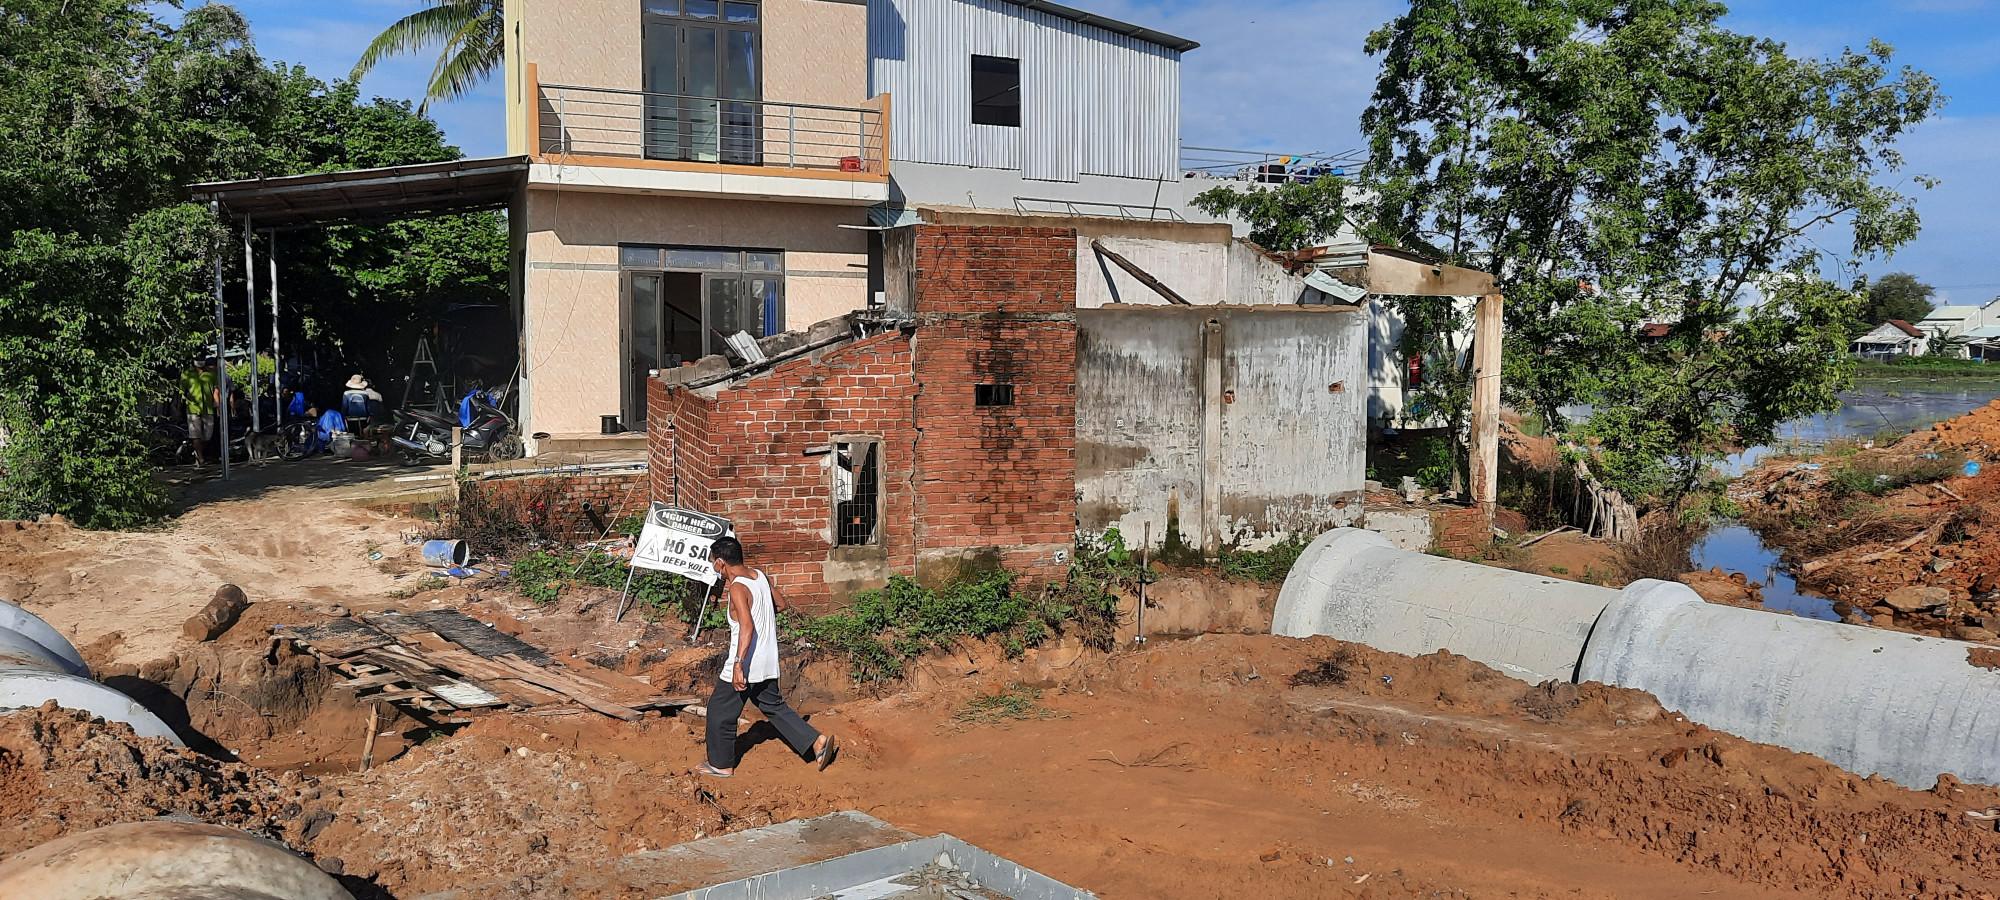 Họ phản ánh, việc thi công dự án này giống như xây dựng một con đê, không cho nước thoát khiến nhà họ bị ngập lụt chỉ sau một cơn mưa lớn